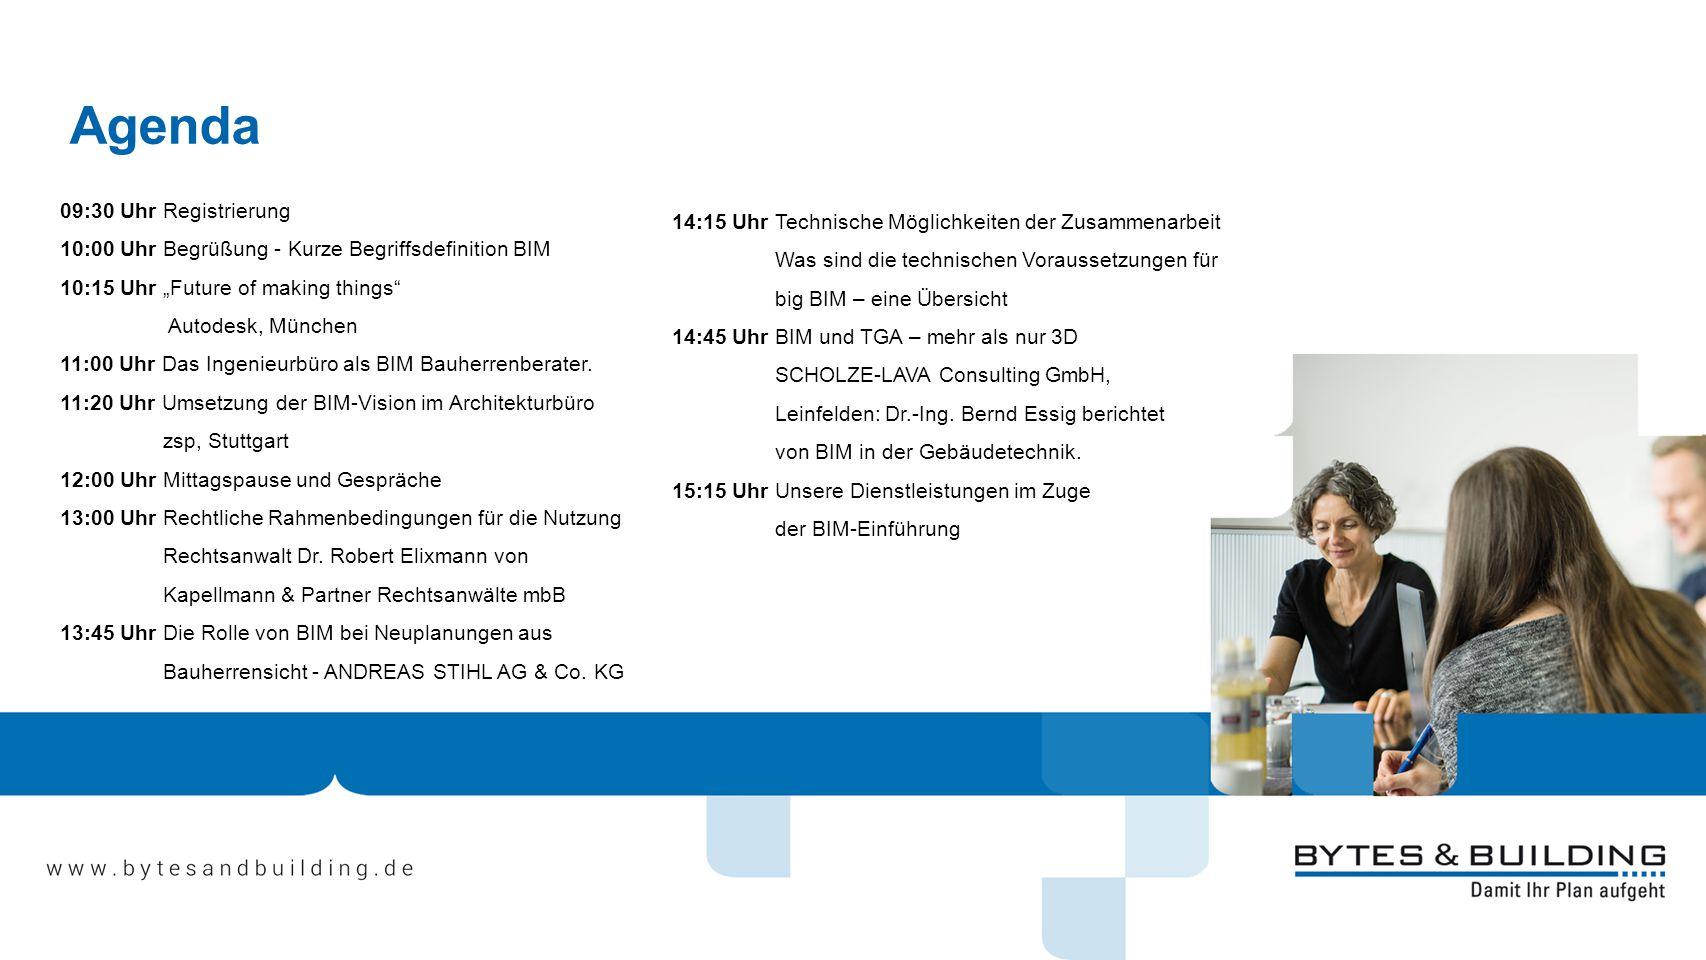 """09:30 Uhr Registrierung 10:00 Uhr Begrüßung - Kurze Begriffsdefinition BIM 10:15 Uhr """"Future of making things"""" Autodesk, München 11:00 Uhr Das Ingenie"""